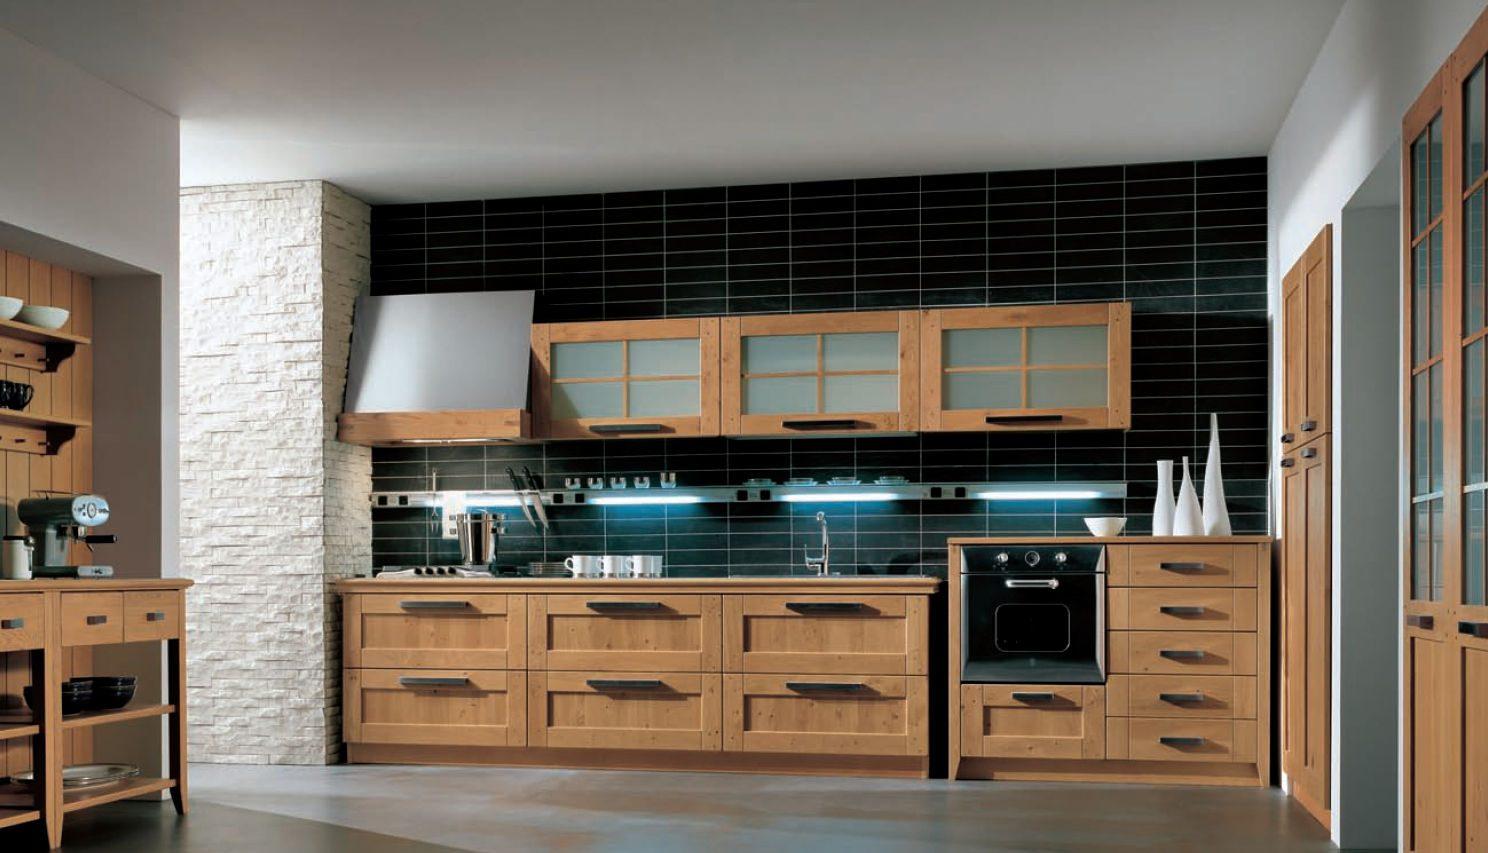 Galera de imgenes Materiales para los muebles de cocina